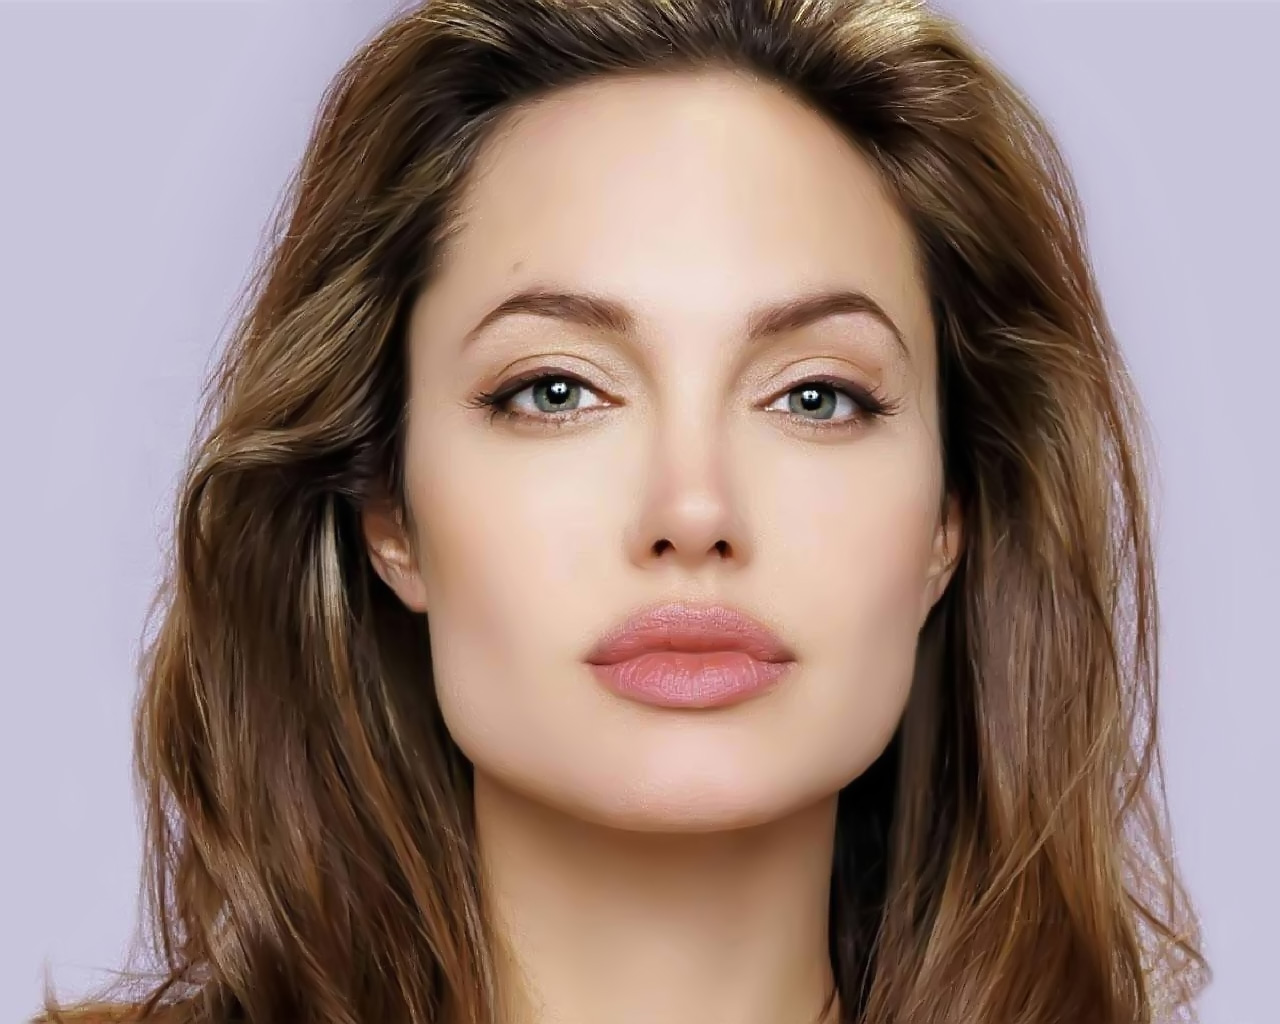 http://4.bp.blogspot.com/-2fvFP7DbNRo/T1E6JYB_ifI/AAAAAAAADYc/bzBN38GUN28/s1600/Angelina-Jolie.jpg